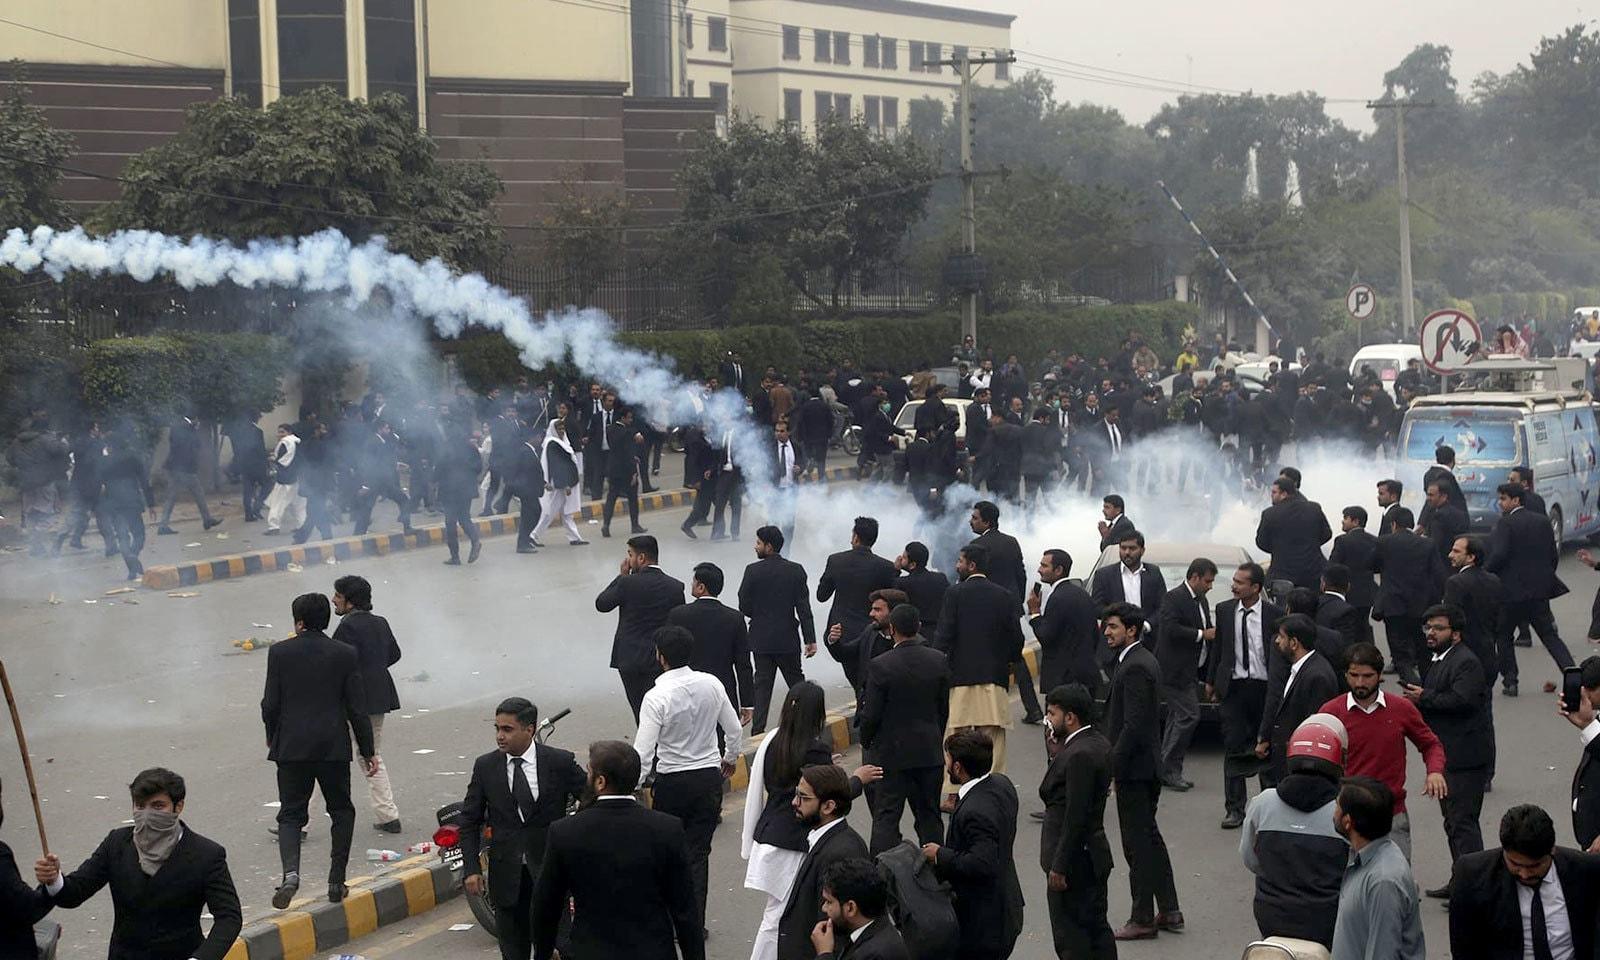 پولیس نے مشتعل وکلا کو منتشر کرنے کے لیے آنسو گیس کا استعمال کیا اور لاٹھی چارج بھی کیا — فوٹو: اے پی